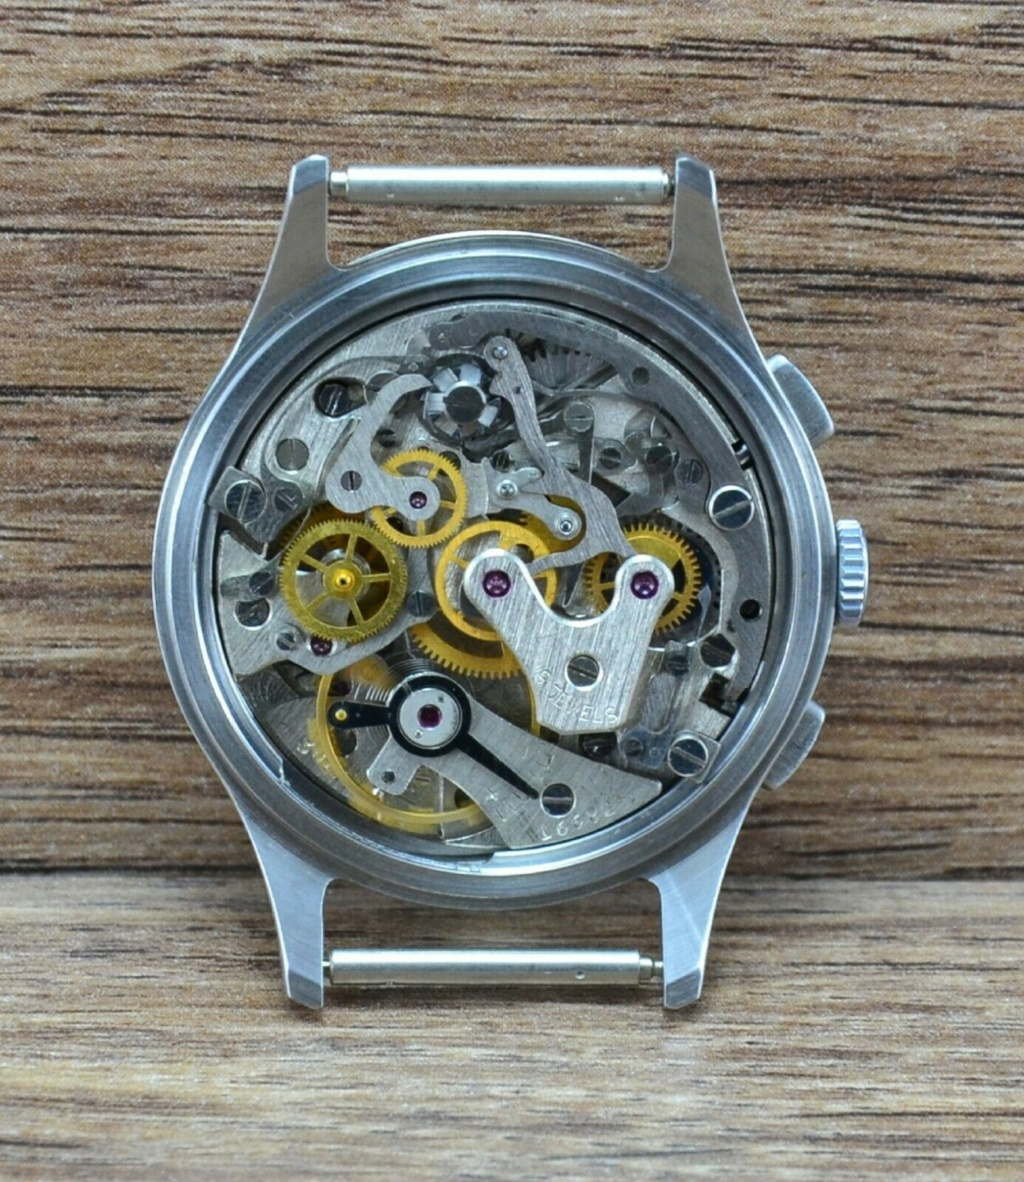 Eterna -  [Postez ICI les demandes d'IDENTIFICATION et RENSEIGNEMENTS de vos montres] - Page 19 511